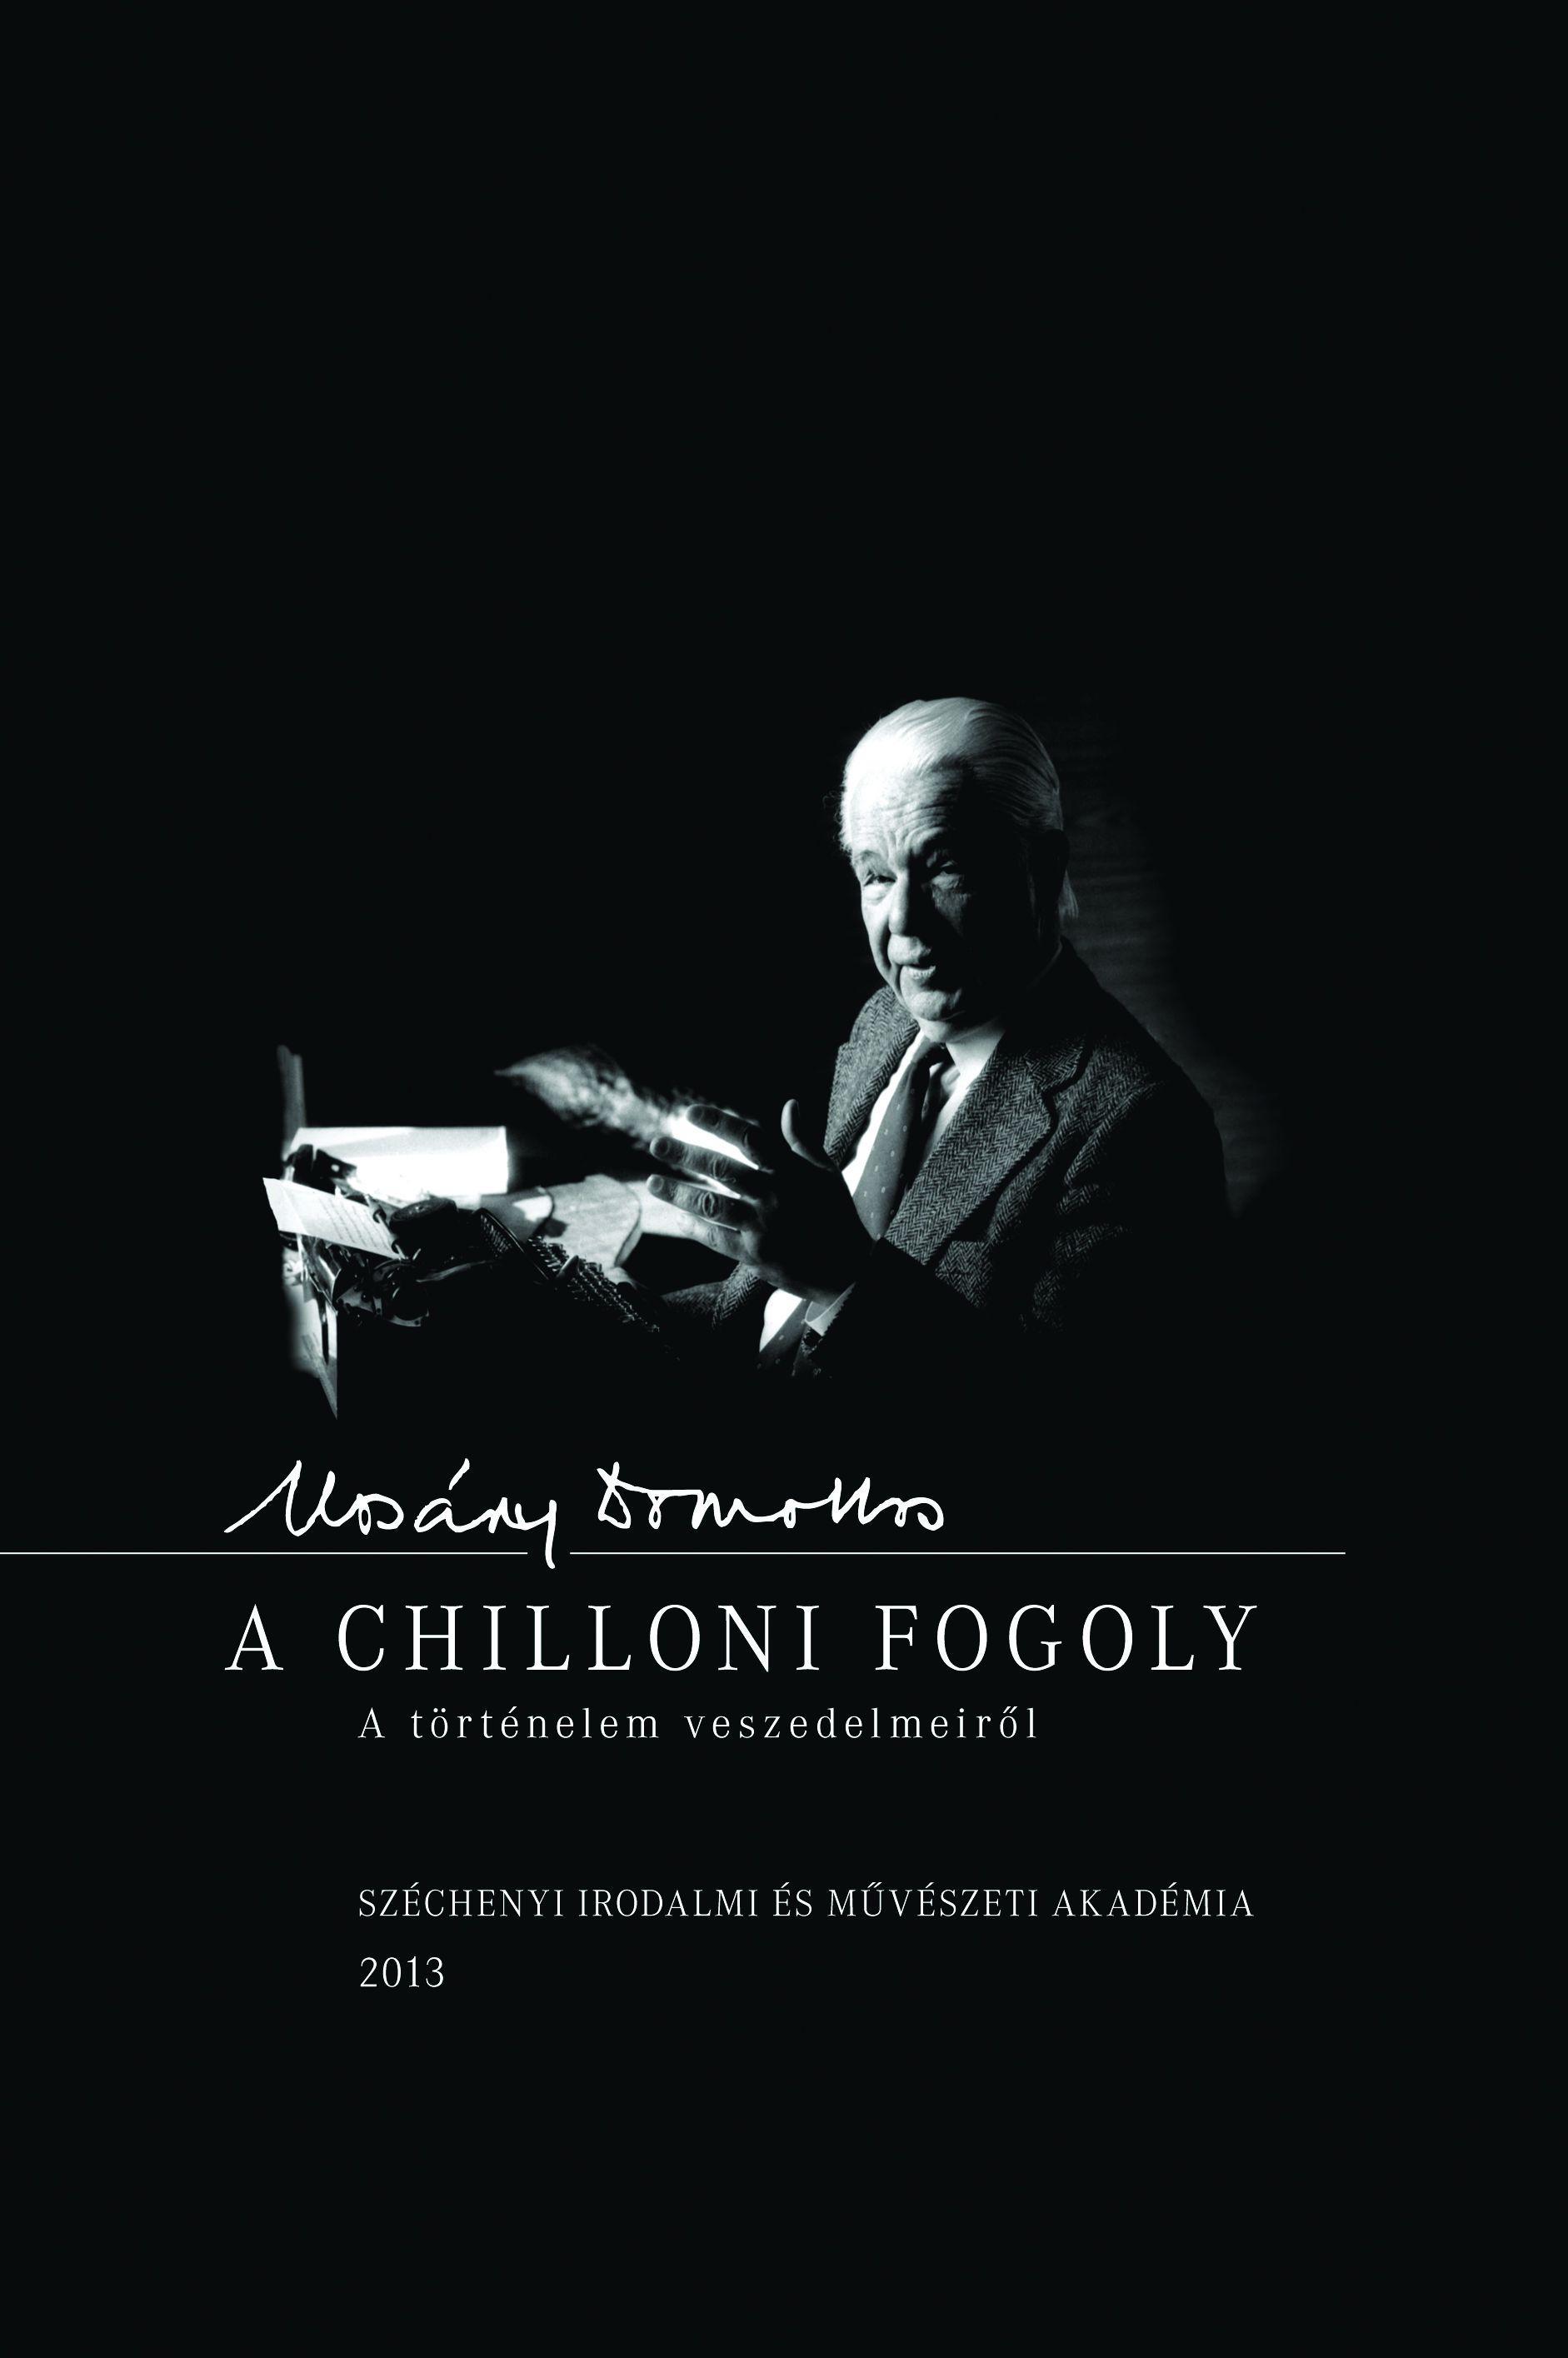 A CHILLONI FOGOLY - A TÖRTÉNELEM VESZEDELMEIRÕL